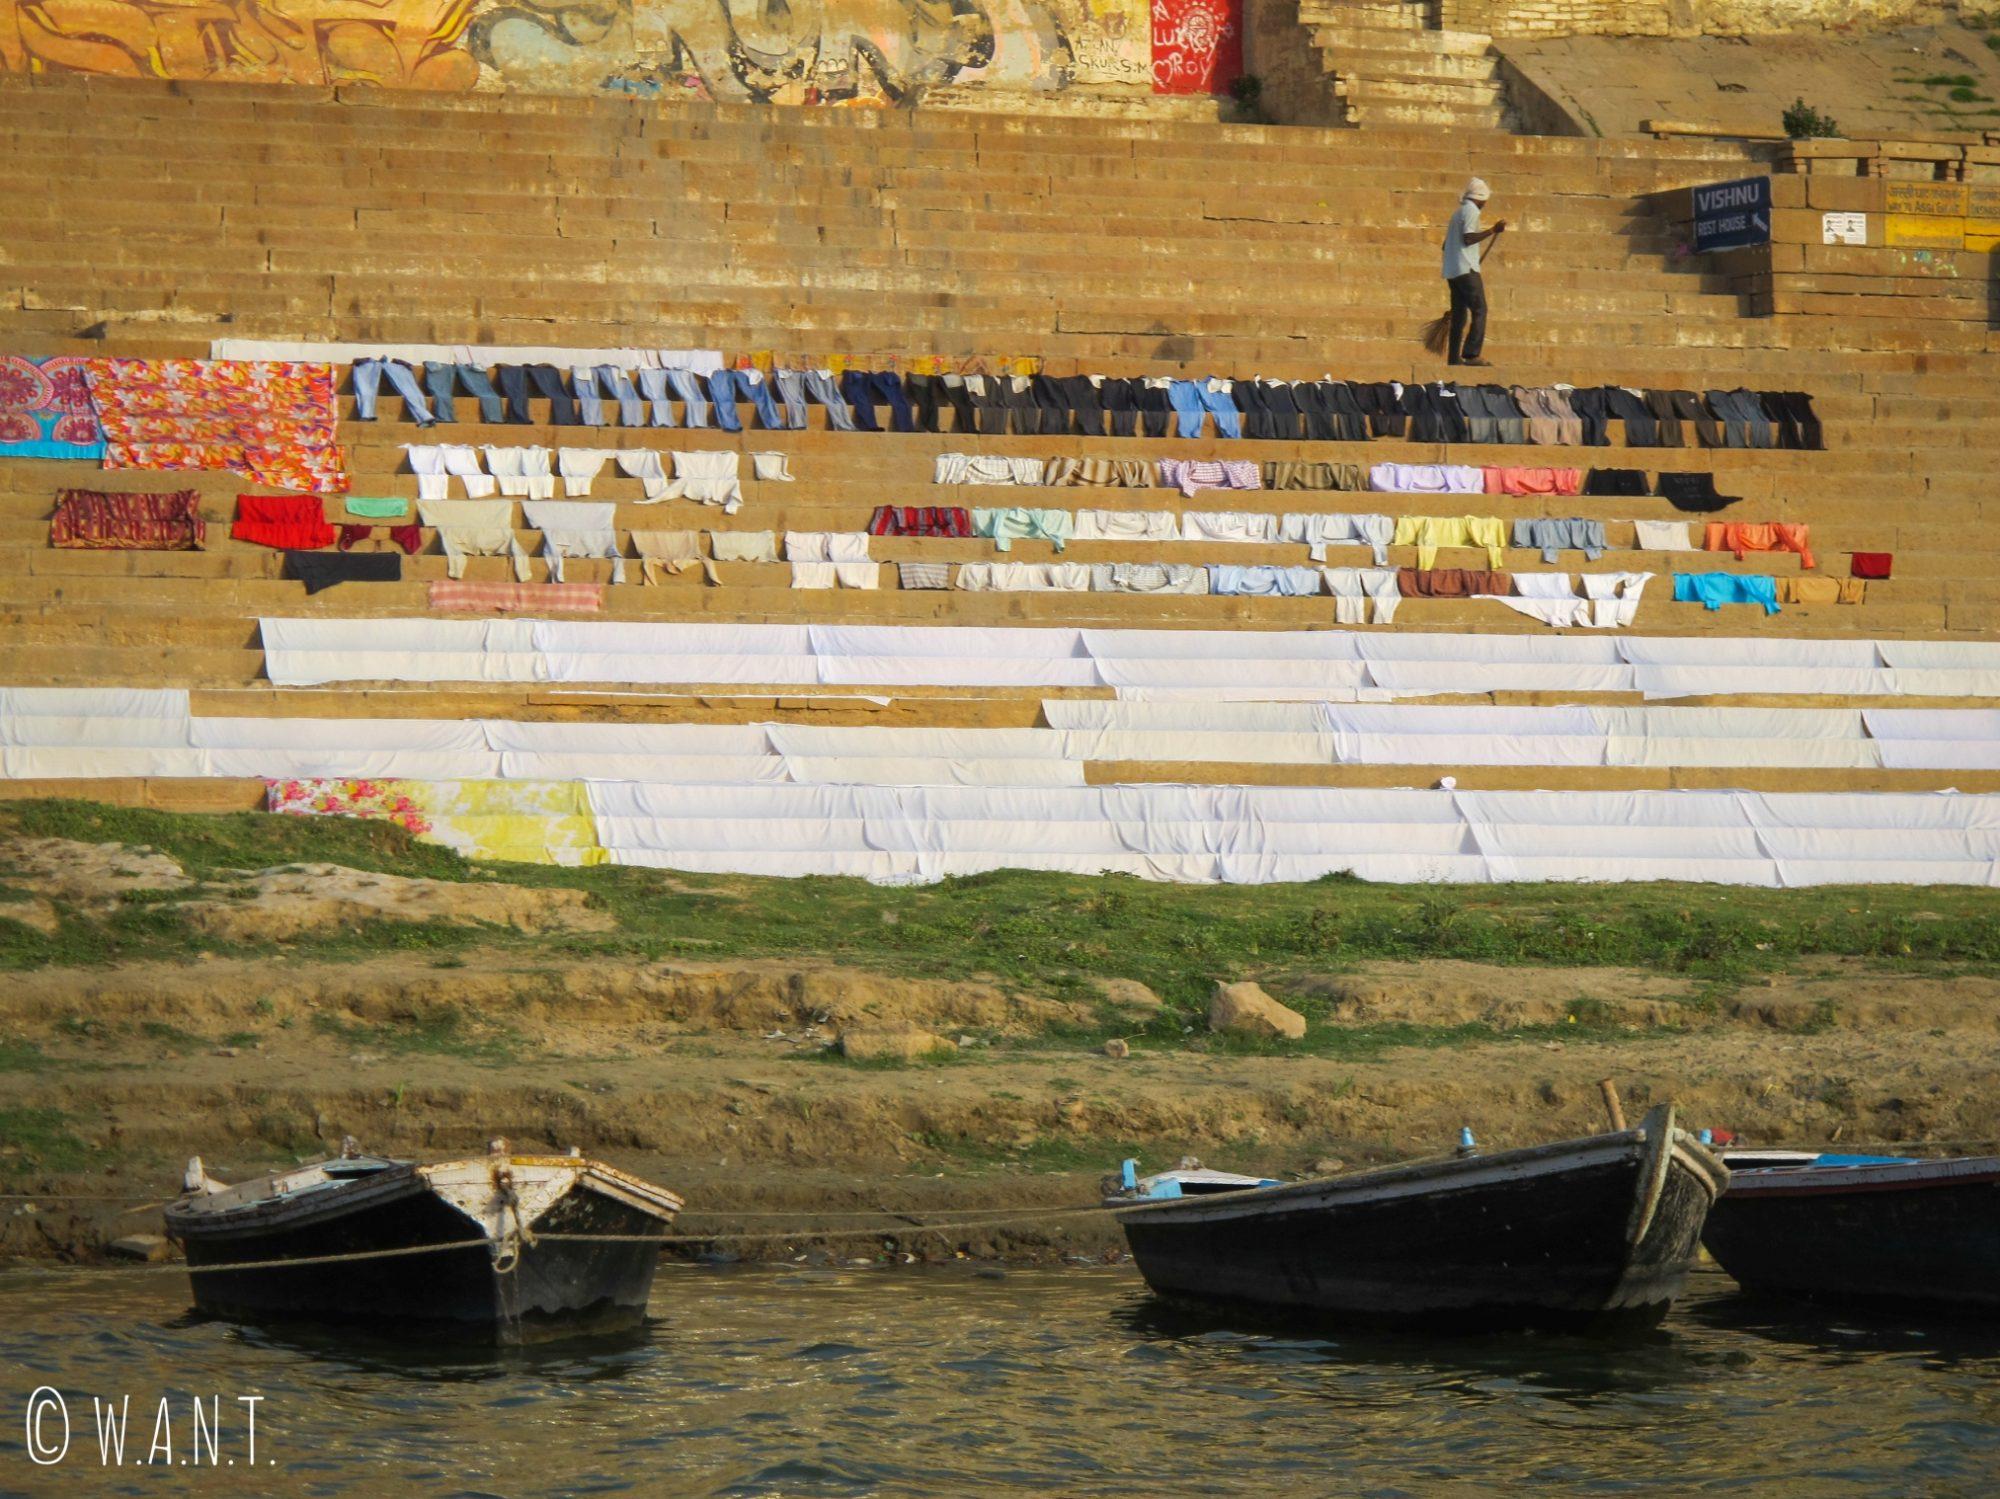 La lessive est l'une des activités qui rythme la journée du Gange. Le linge est ensuite disposé sur les Ghats afin de sécher au soleil